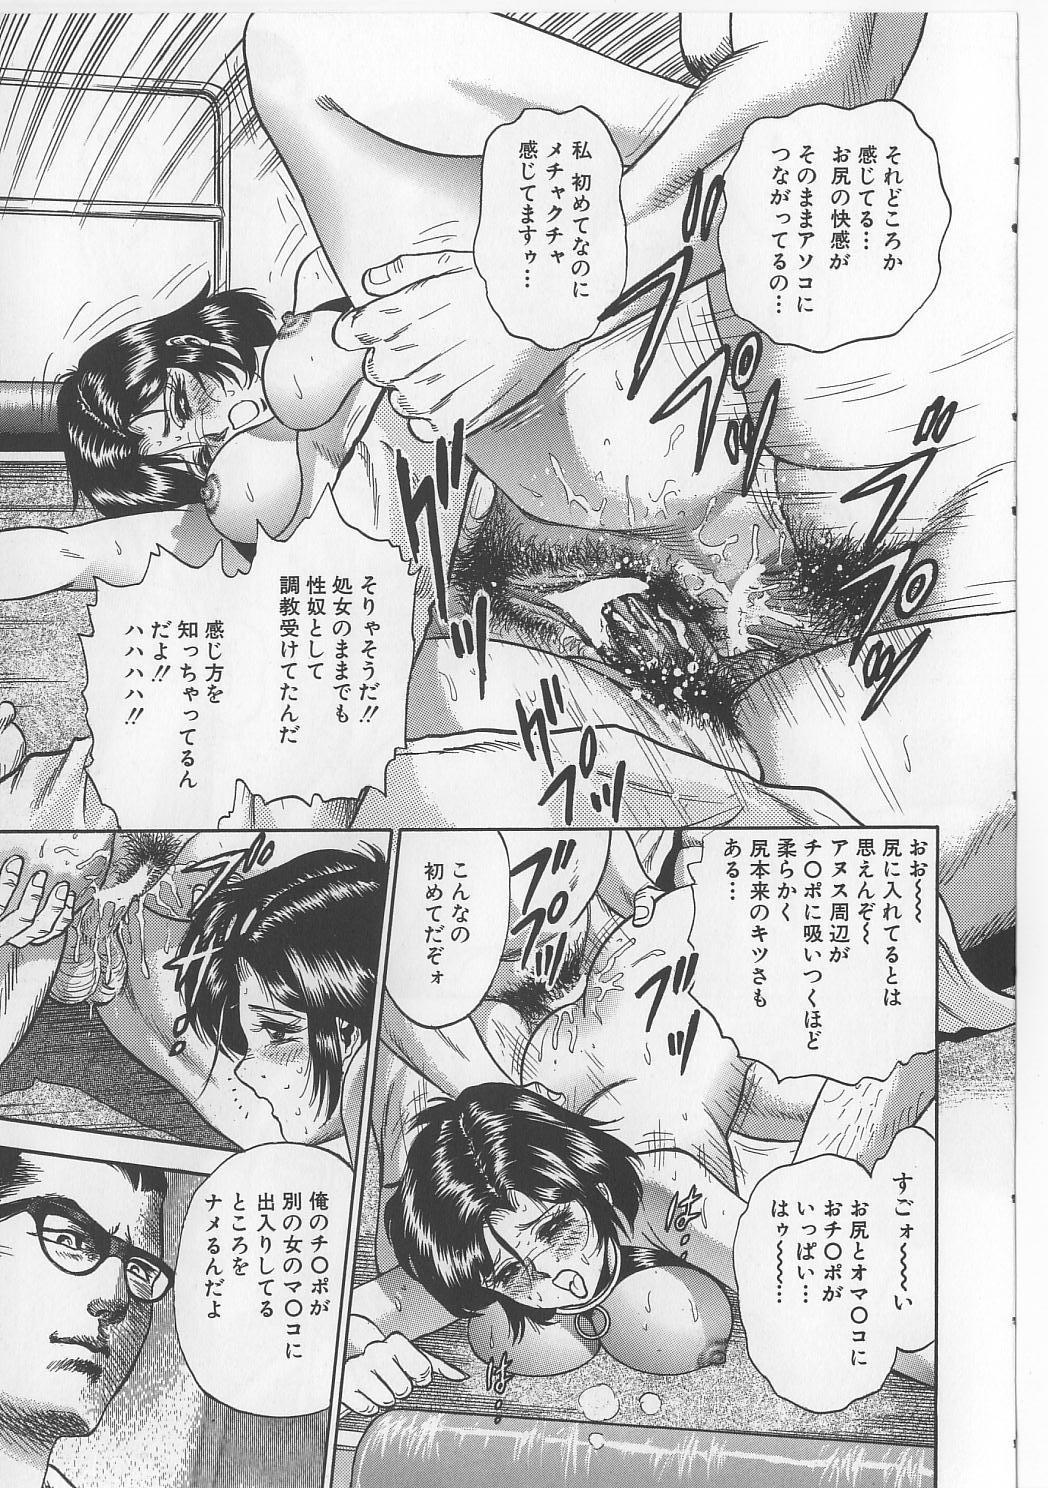 Shojo Renzoku Goukan 142